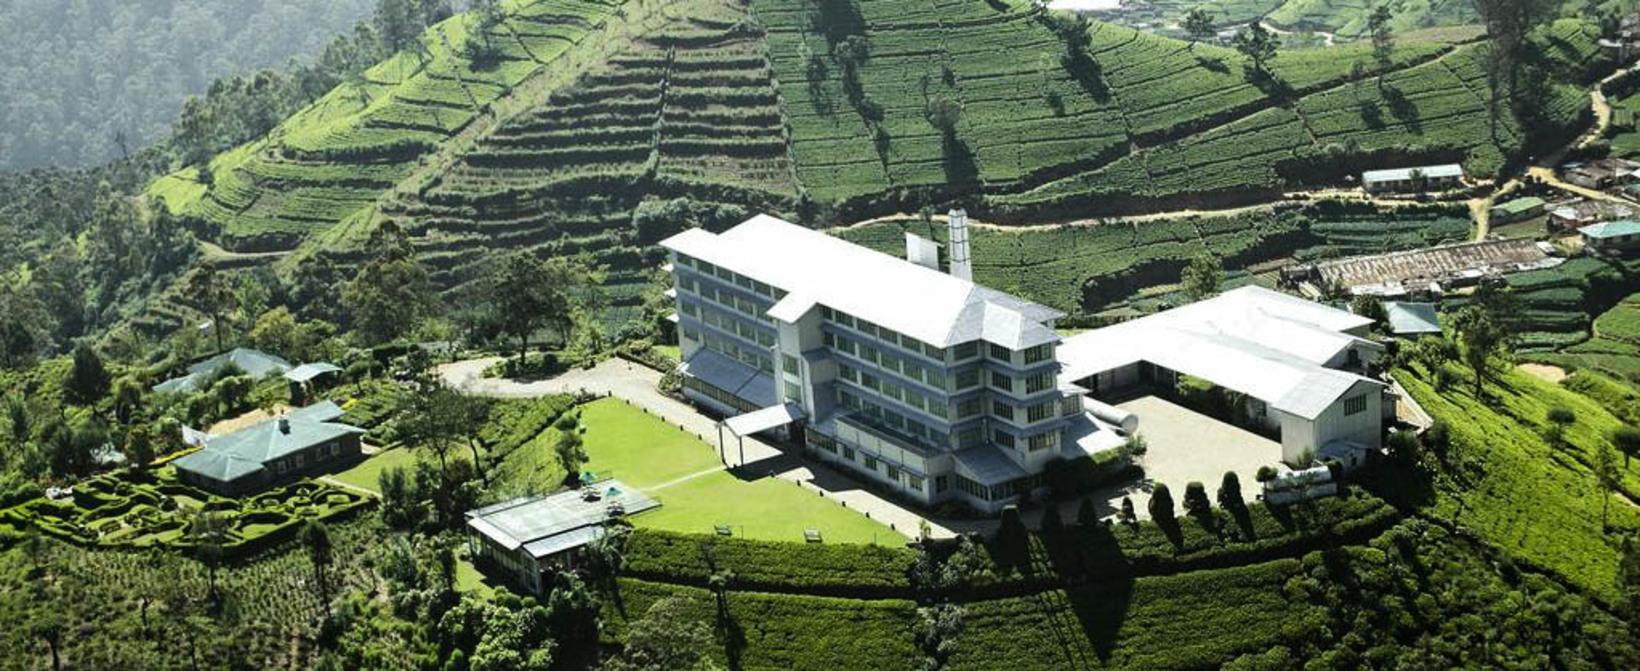 Pedro Tea Estate, Nuwara Eliya